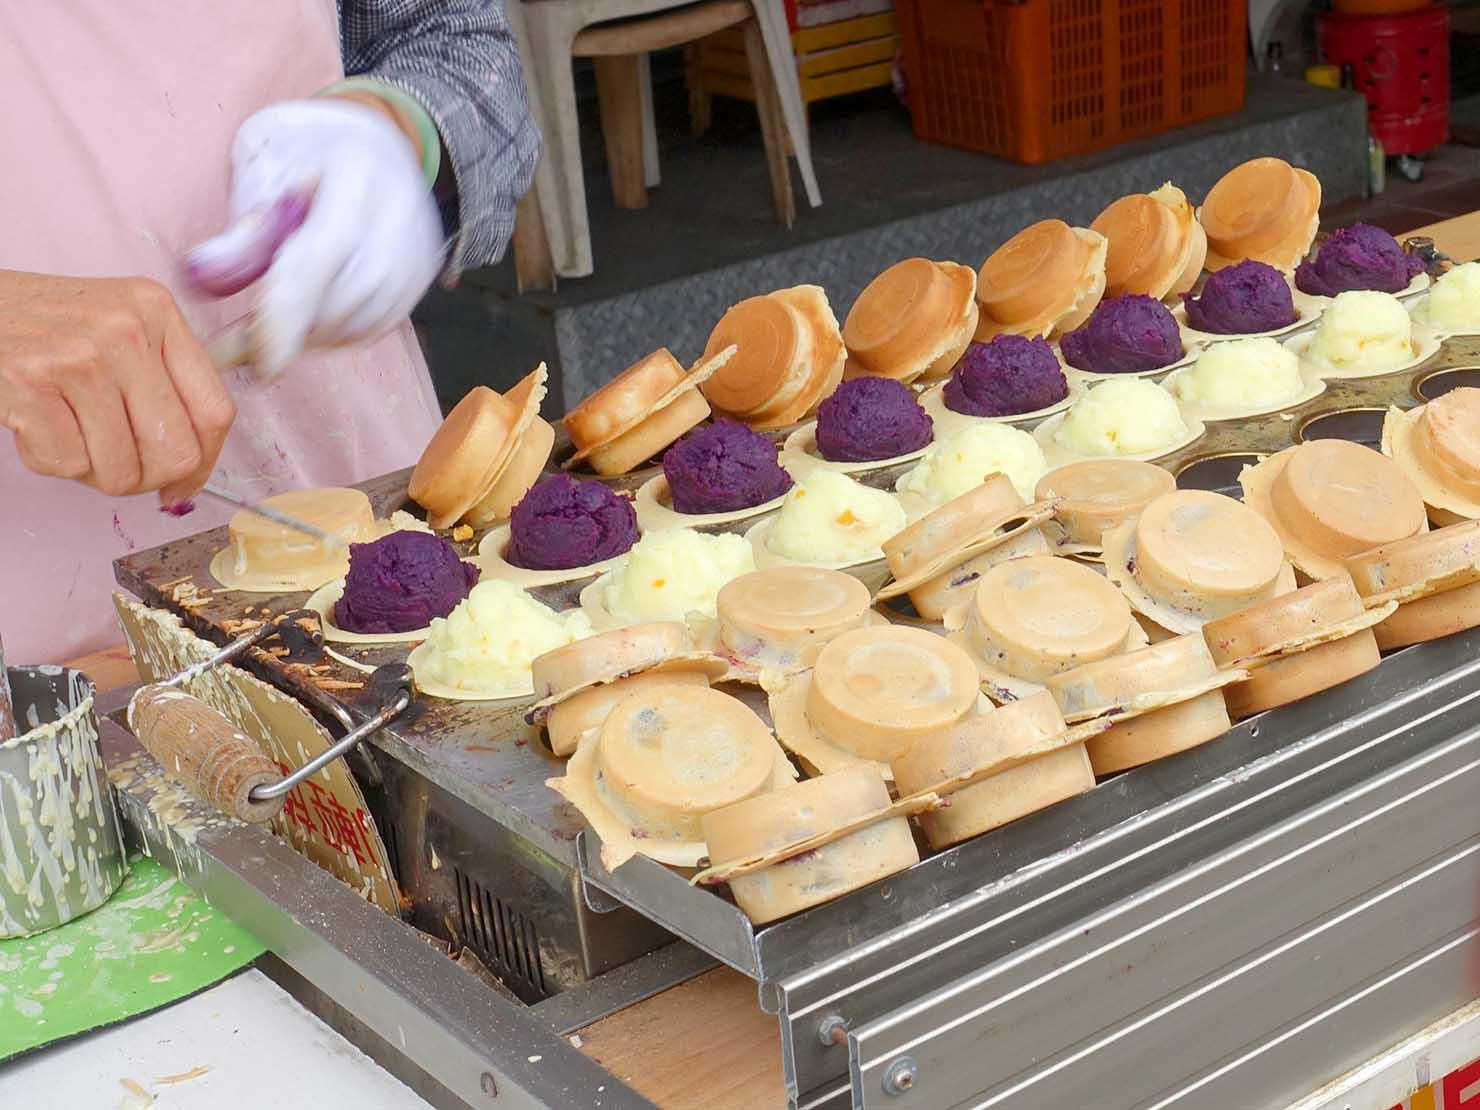 台北・迪化街の伝統グルメ店「永樂車輪餅」の屋台で焼かれる大判焼き